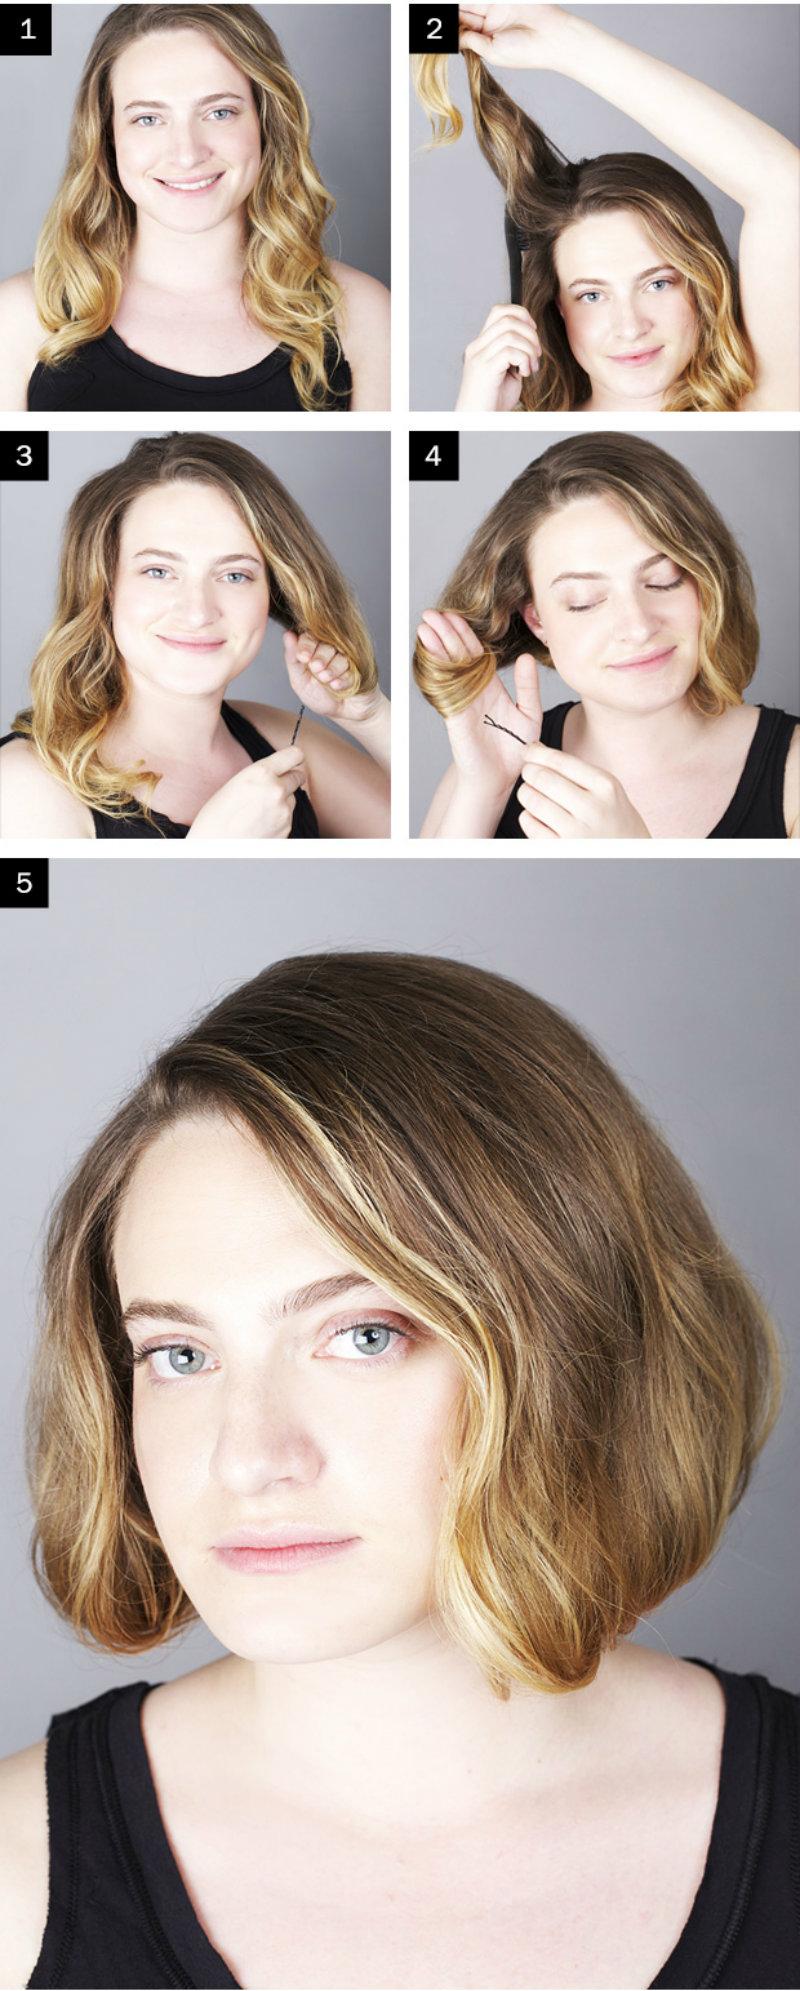 из длинных волос короткие фото 5